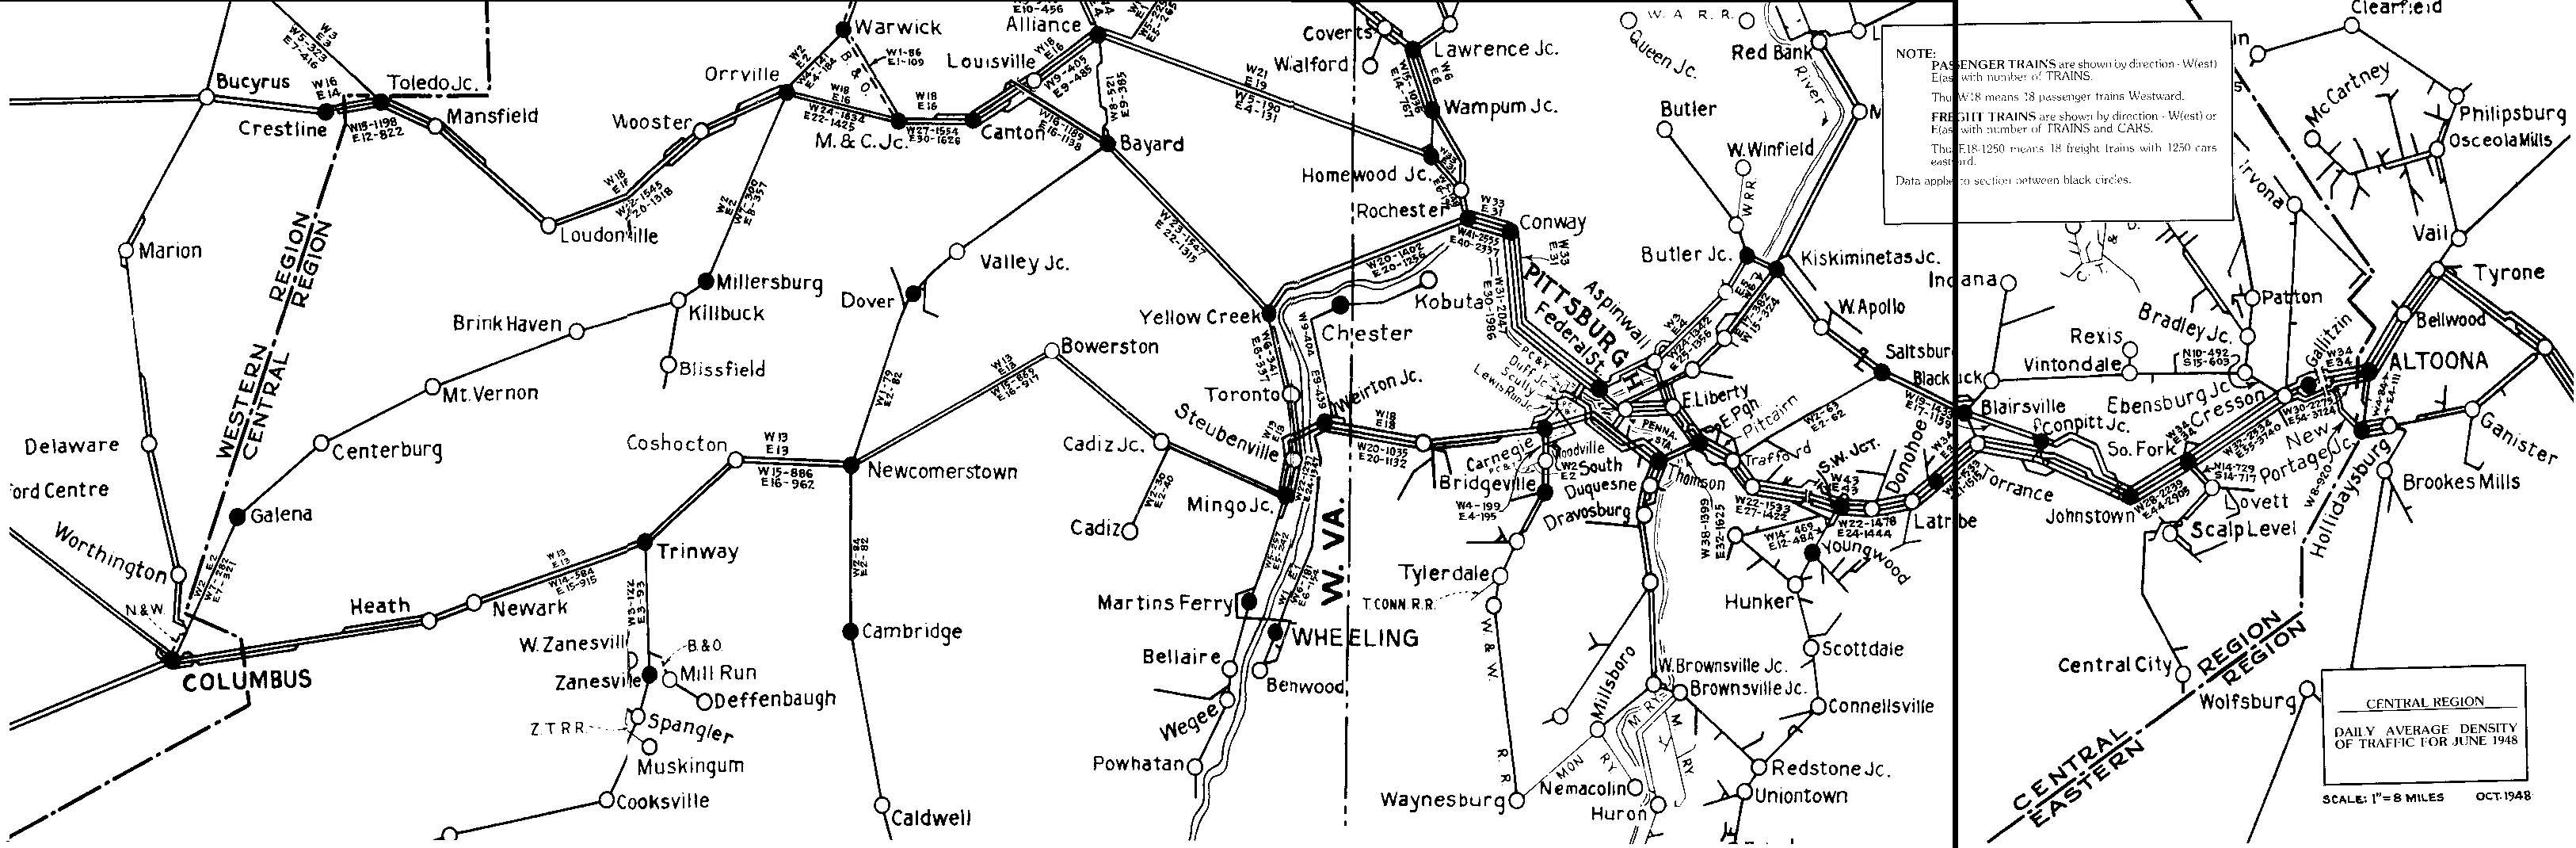 Keystone Crossings General Map Chart Information